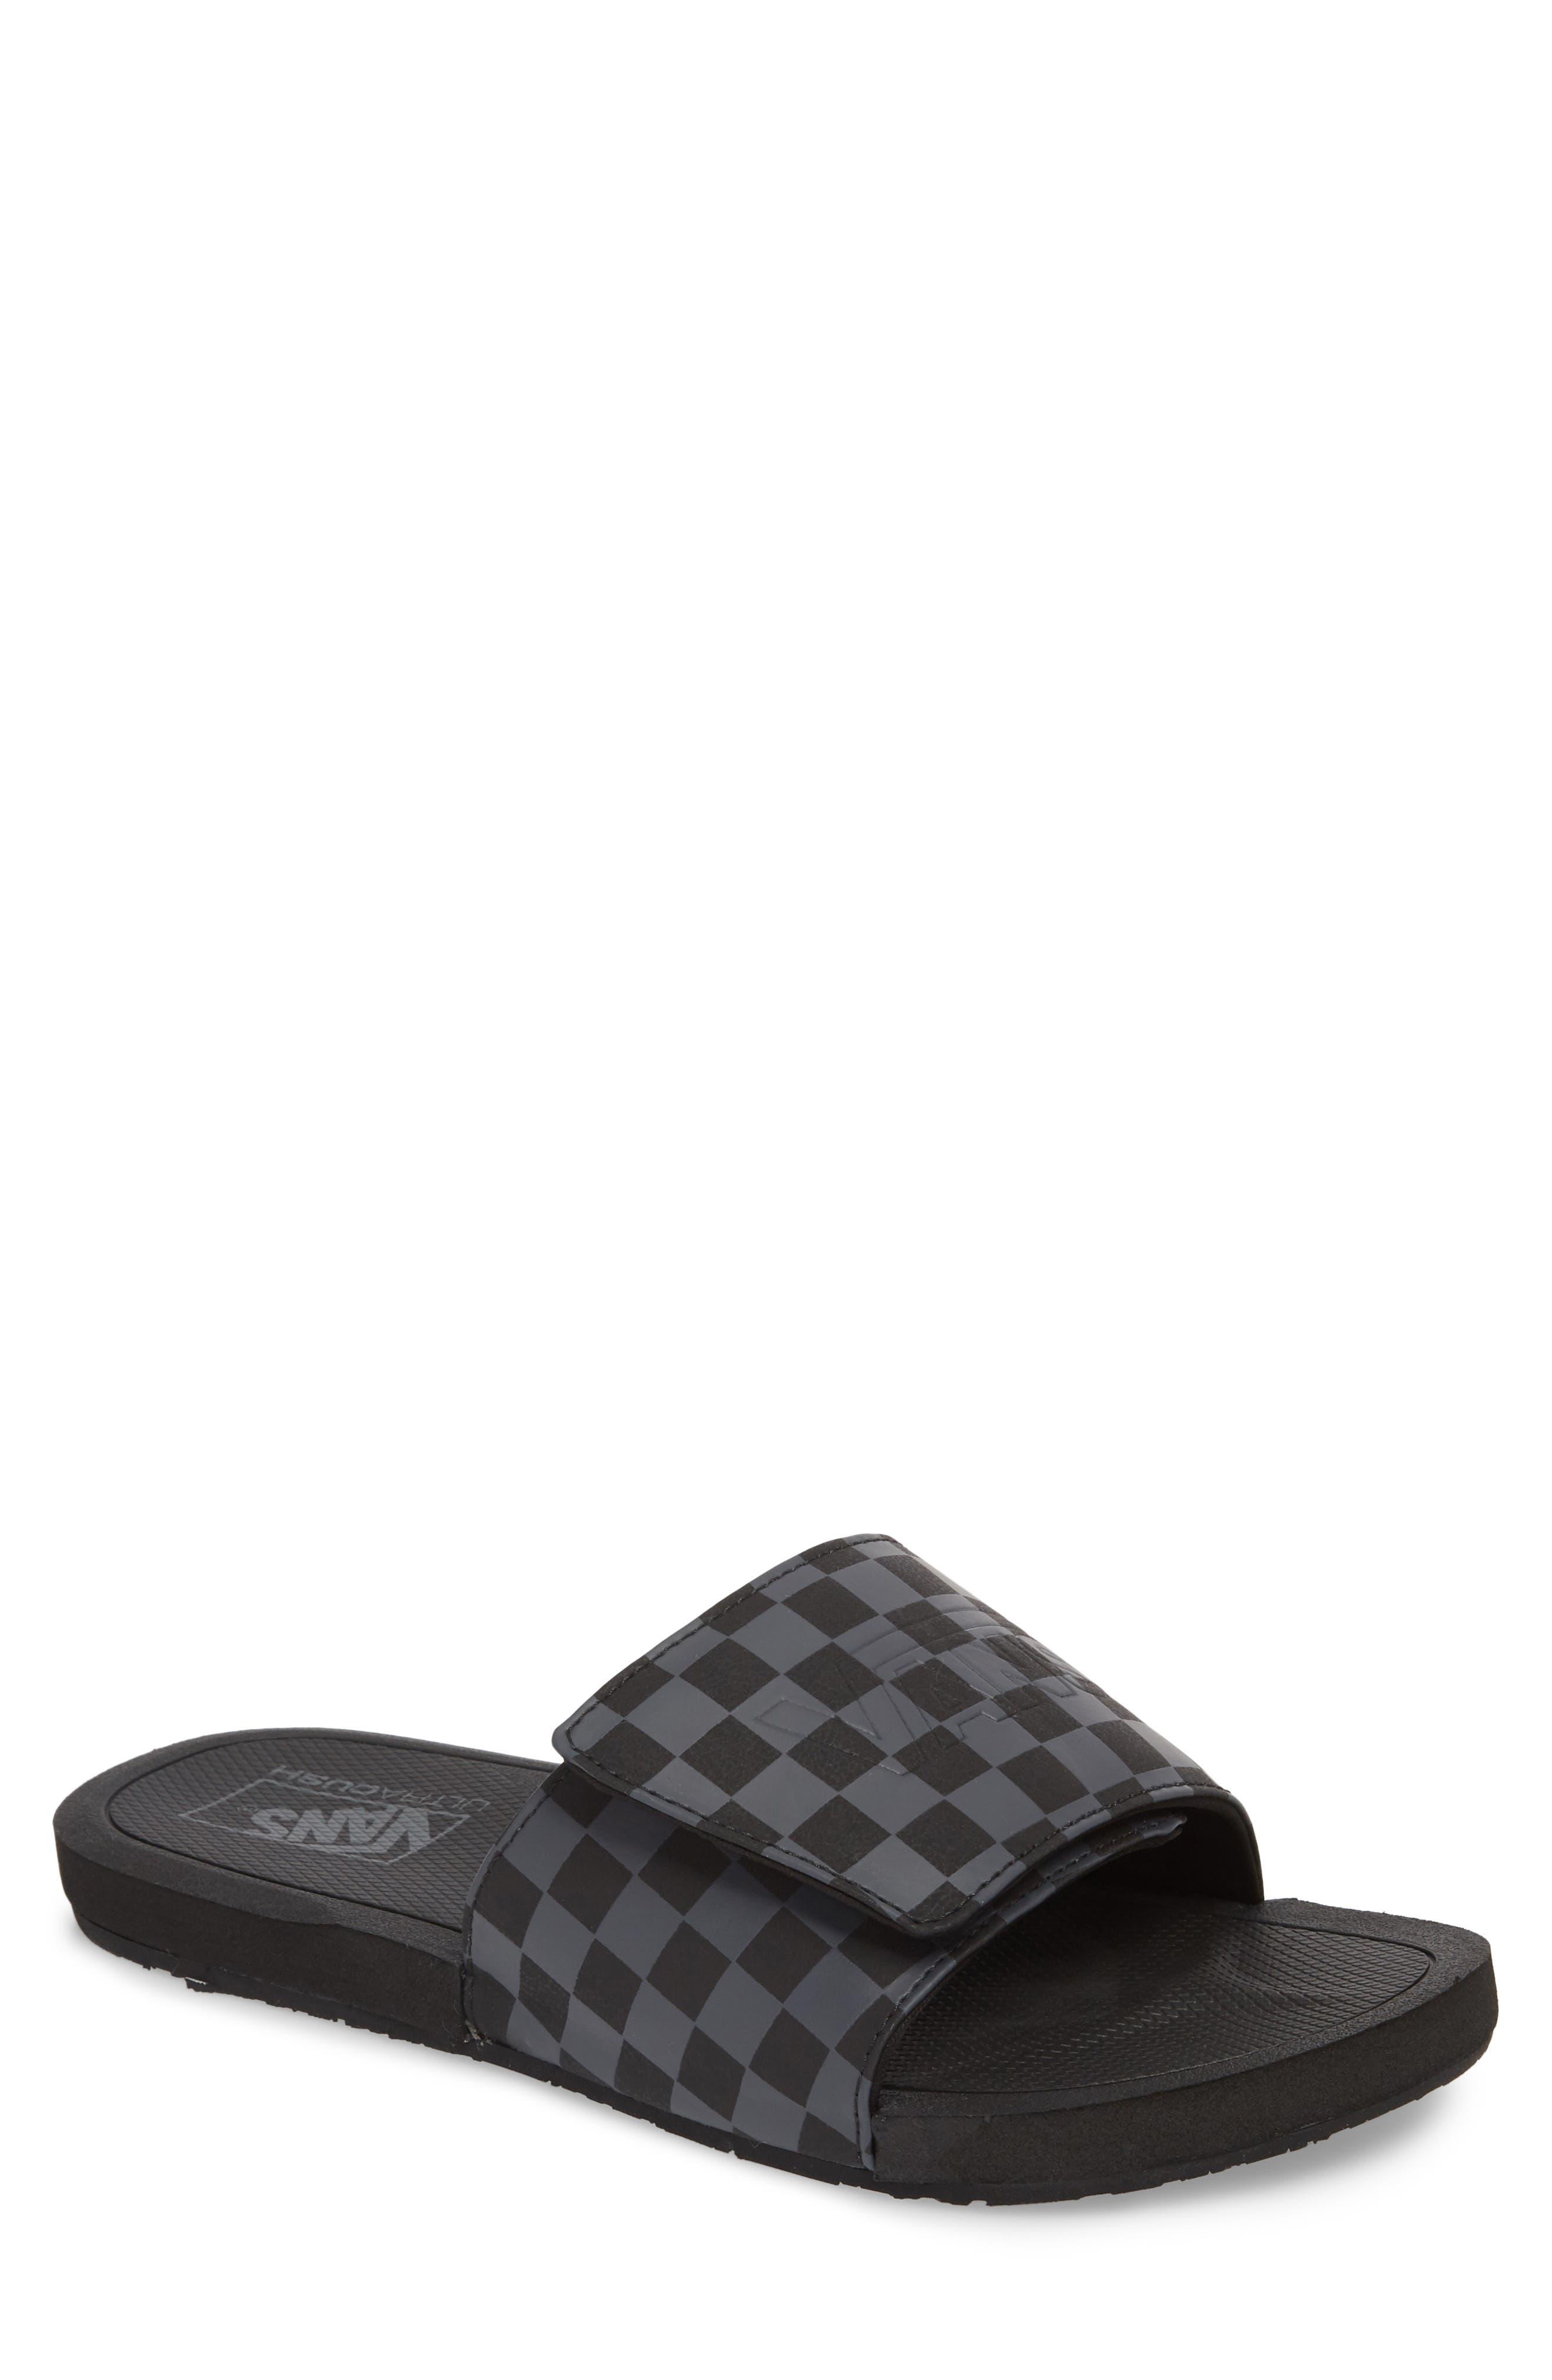 Alternate Image 1 Selected - Vans Nexpa Slide Sandal (Men)